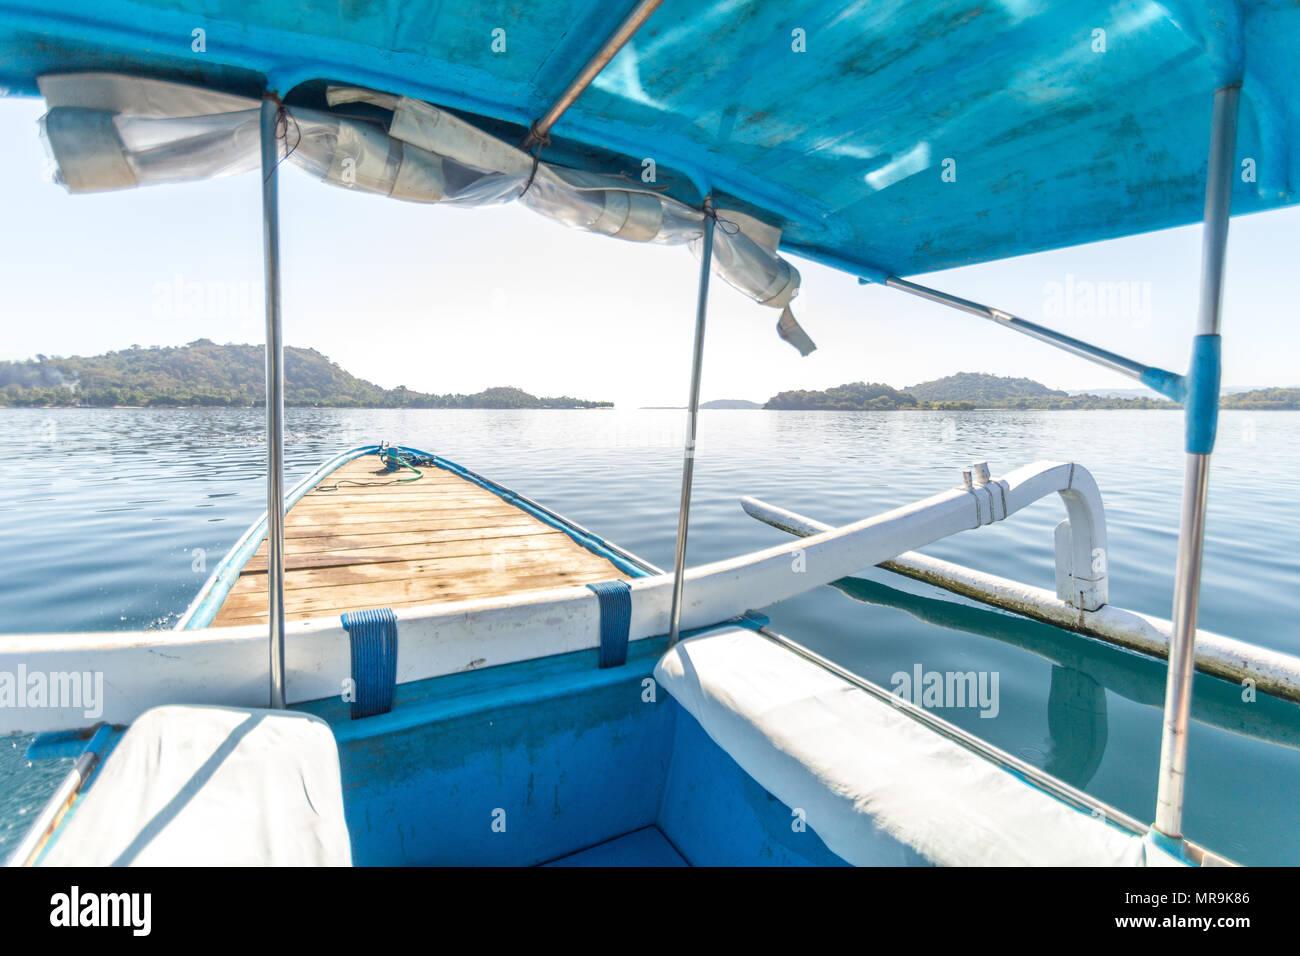 Voyage en bateau, l'île de Gili, Indonésie Photo Stock